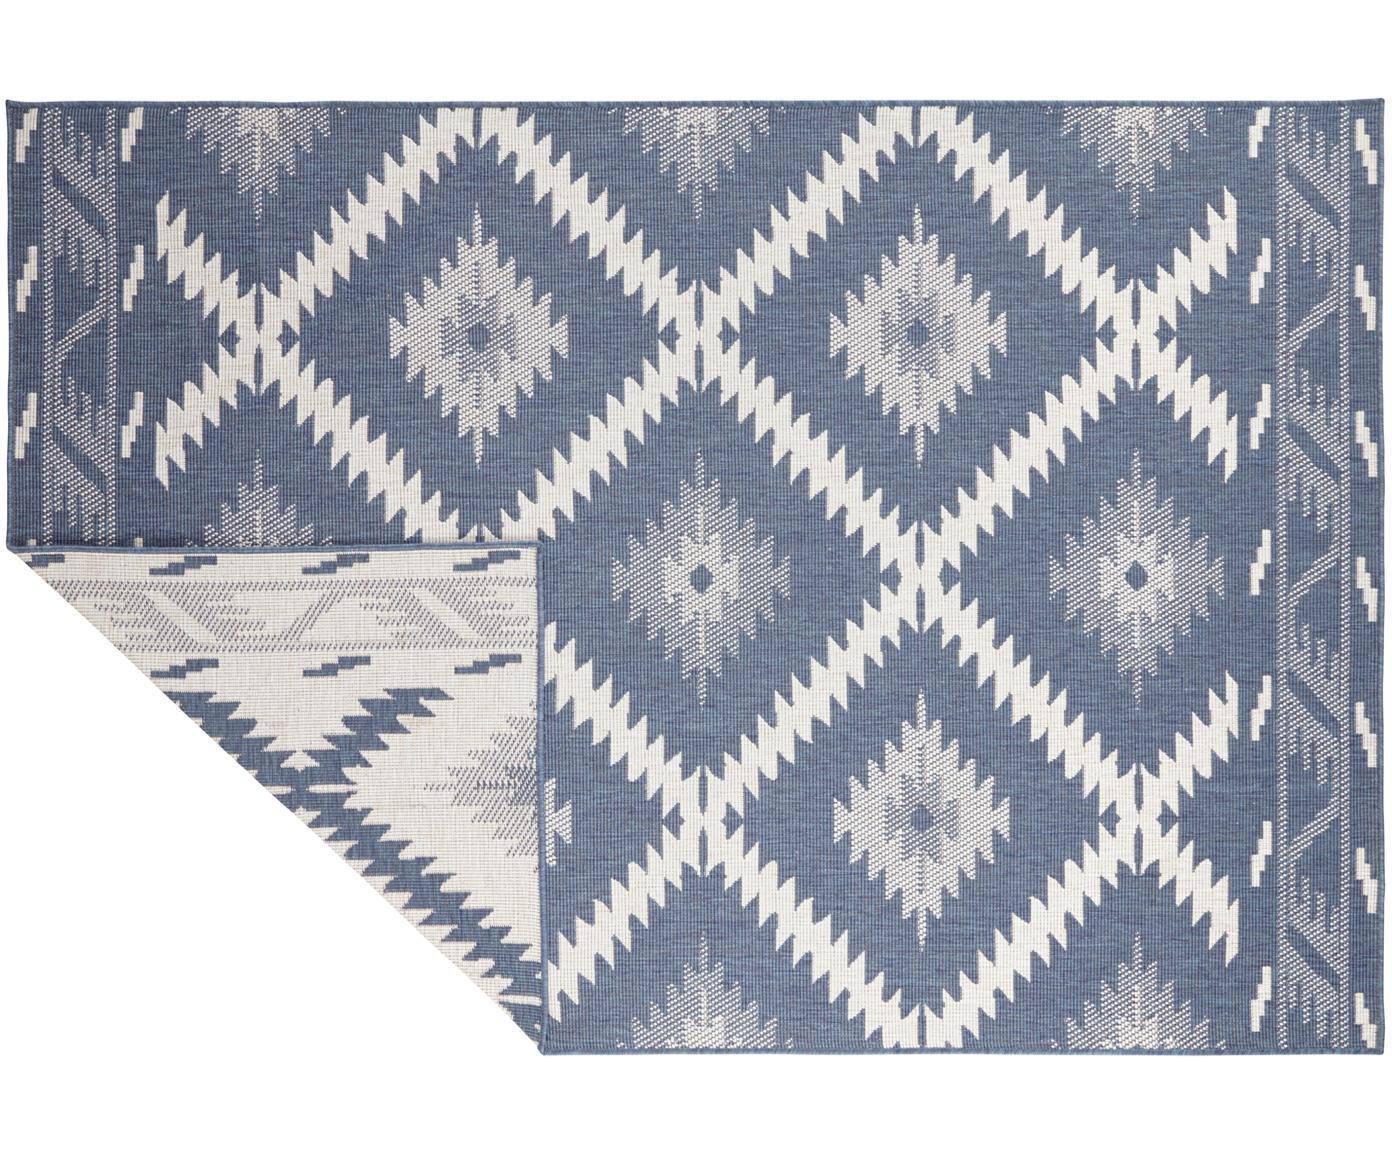 Dubbelzijdig in- en outdoor vloerkleed Malibu in blauw/crèmekleur, Blauw, crèmekleurig, B 120 x L 170 cm (maat S)